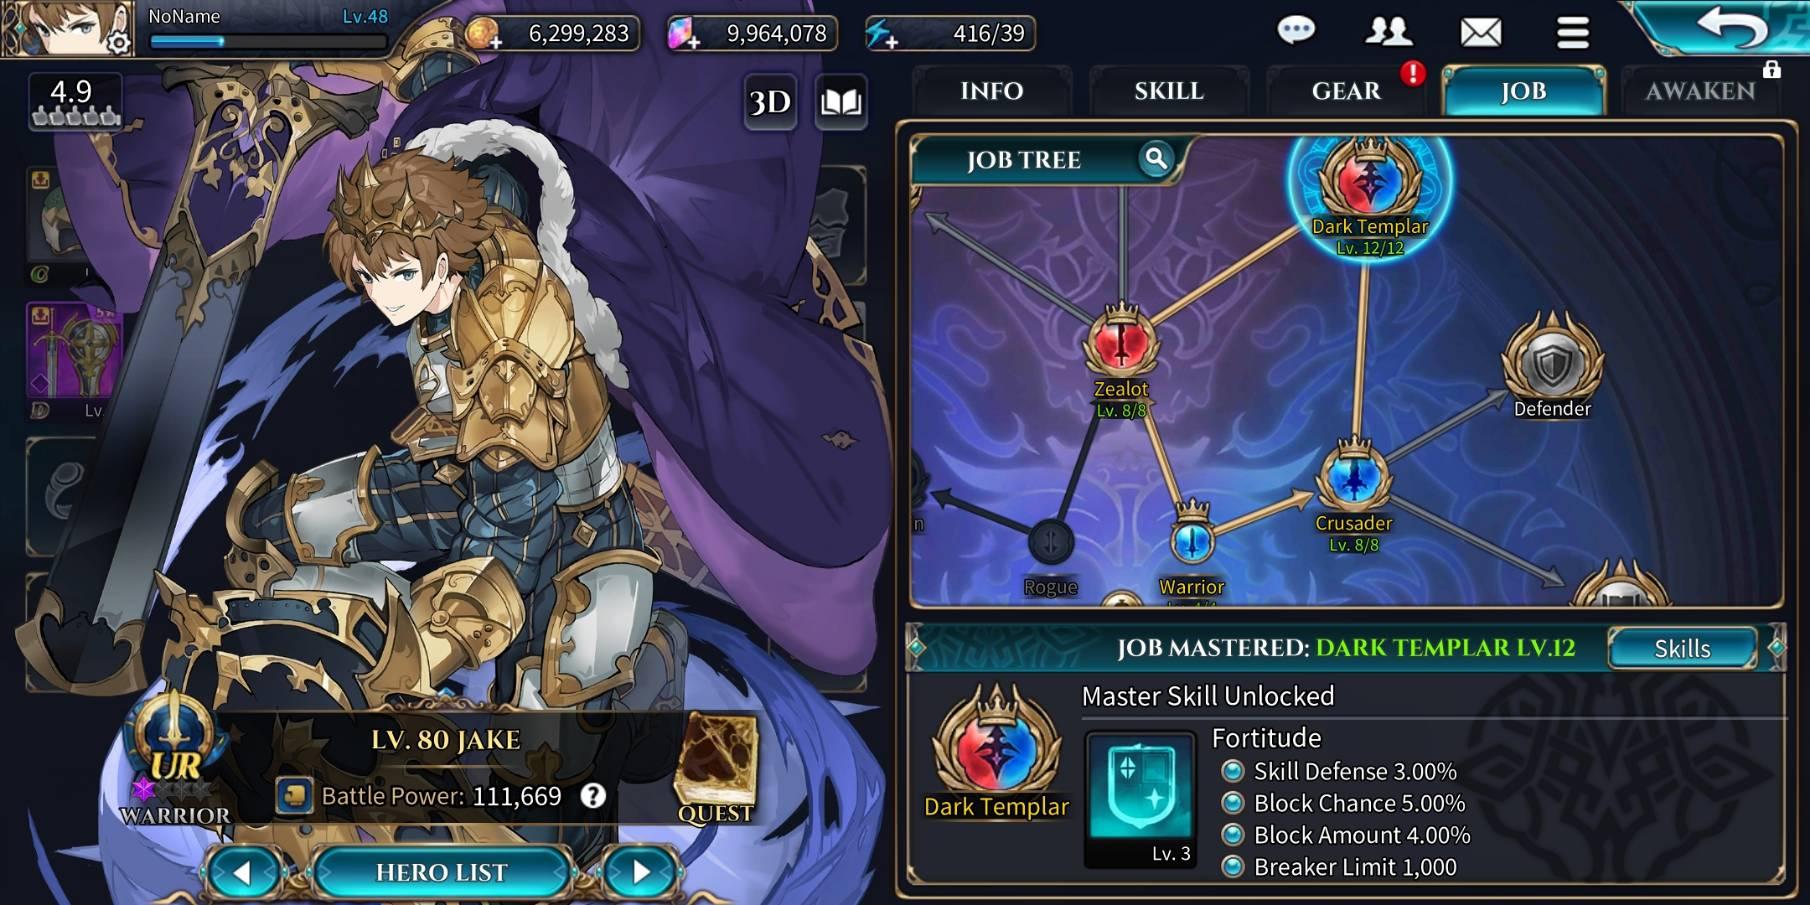 แนะนำตัวละคร Warrior นักรบสุดแกร่งจากเกม Shining Beyond